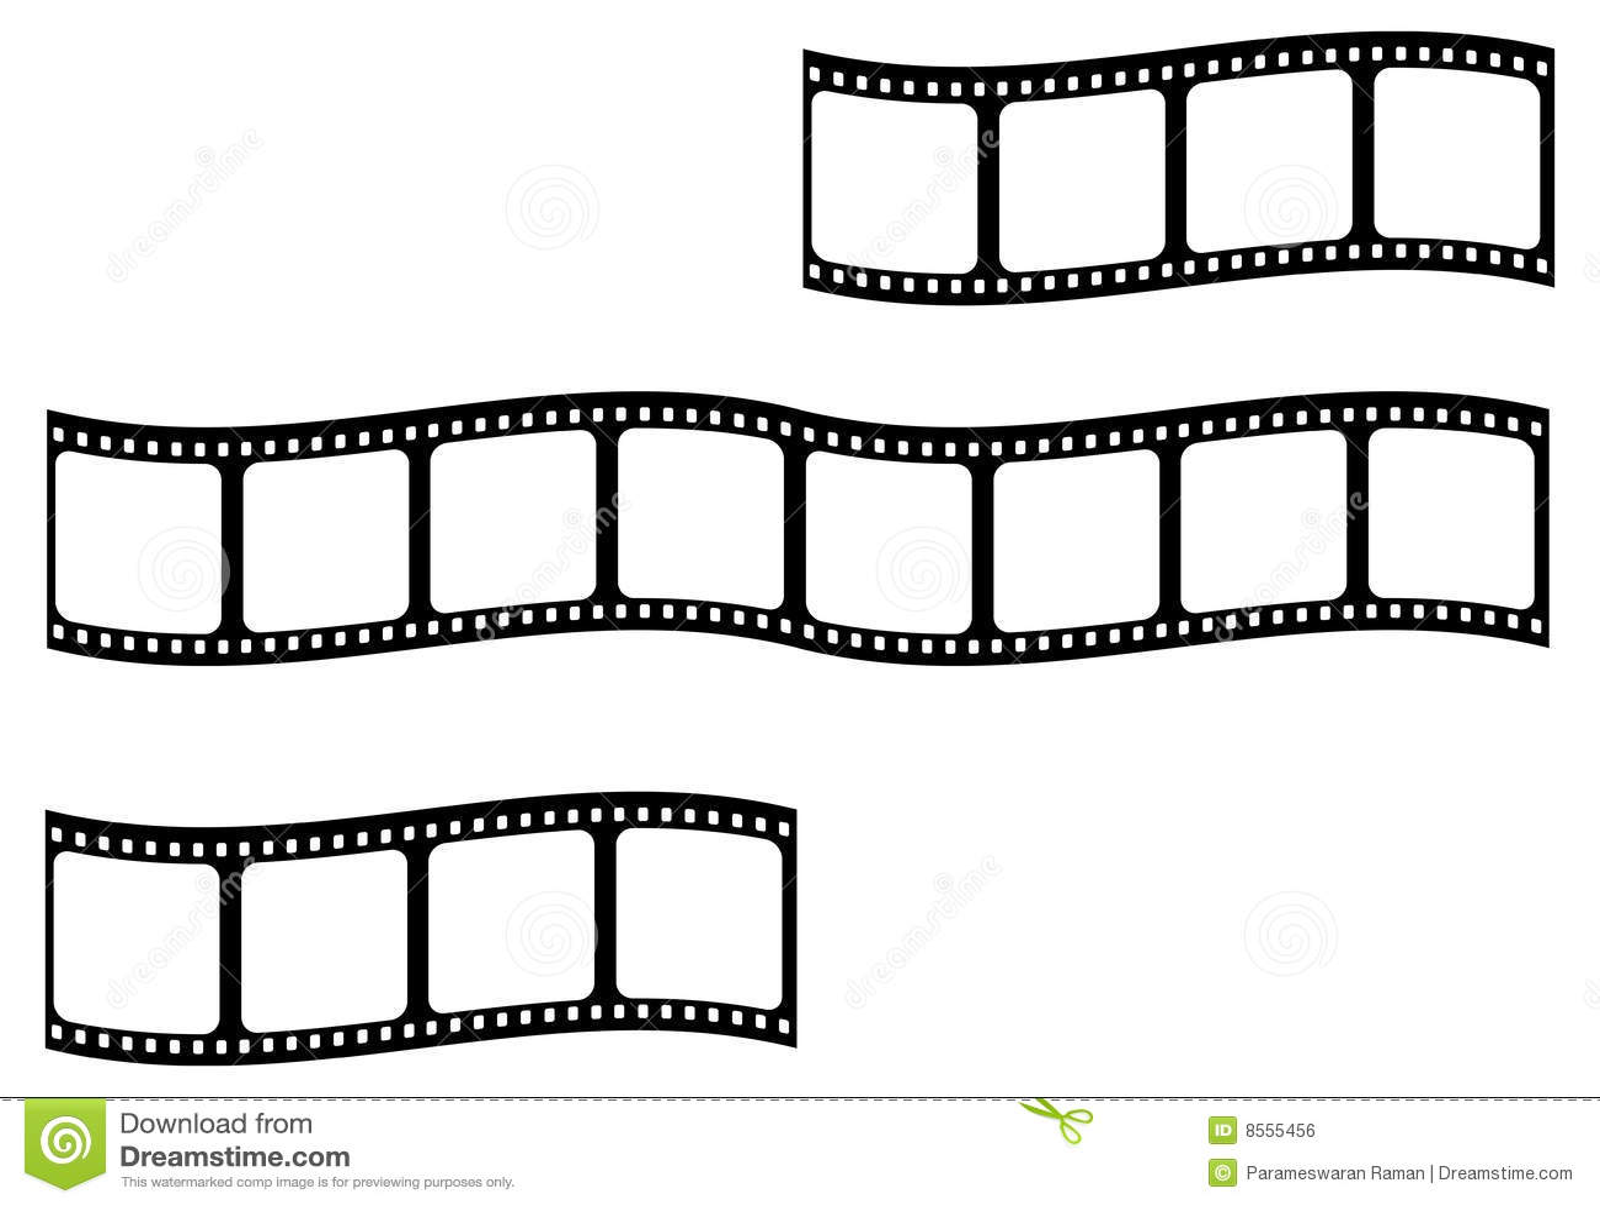 movie reel clip art